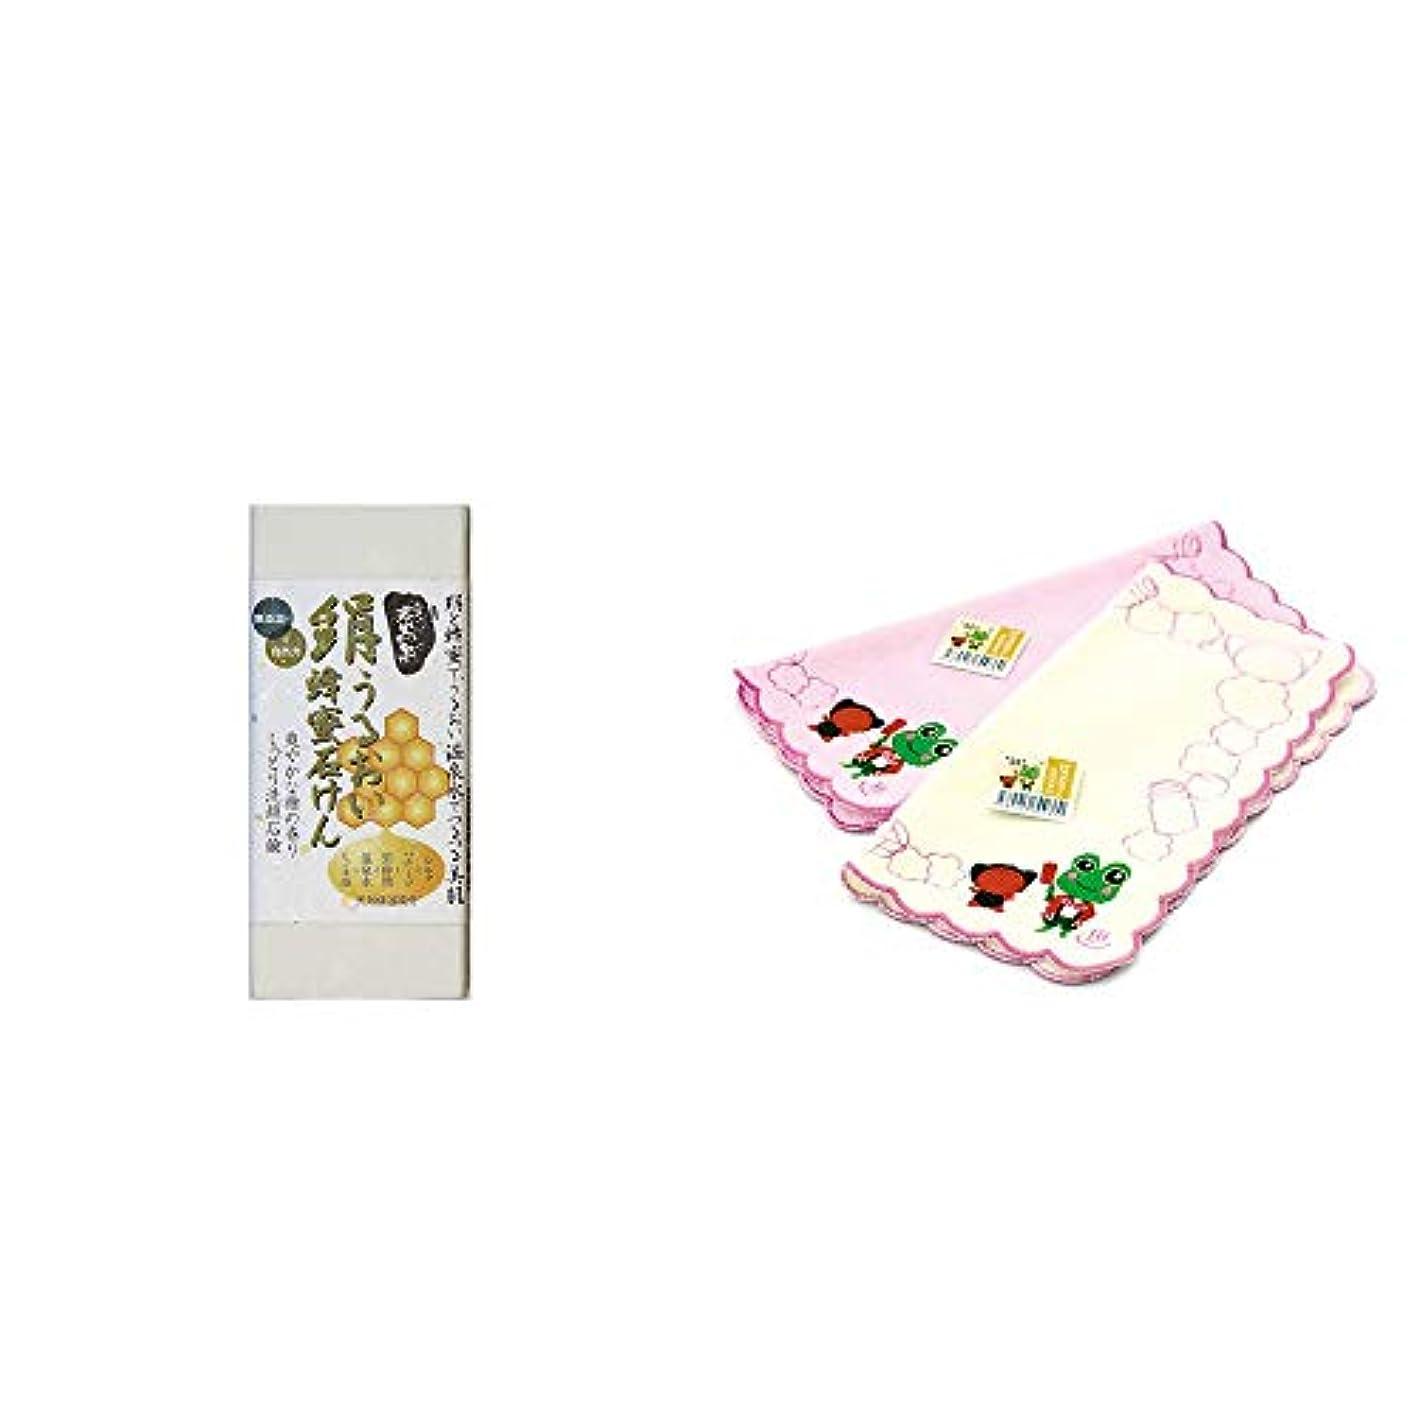 絶壁スケッチ出来事[2点セット] ひのき炭黒泉 絹うるおい蜂蜜石けん(75g×2)?下呂温泉限定 さるぼぼ&げろぐるくん ふわふわタオルハンカチ【ピンク】